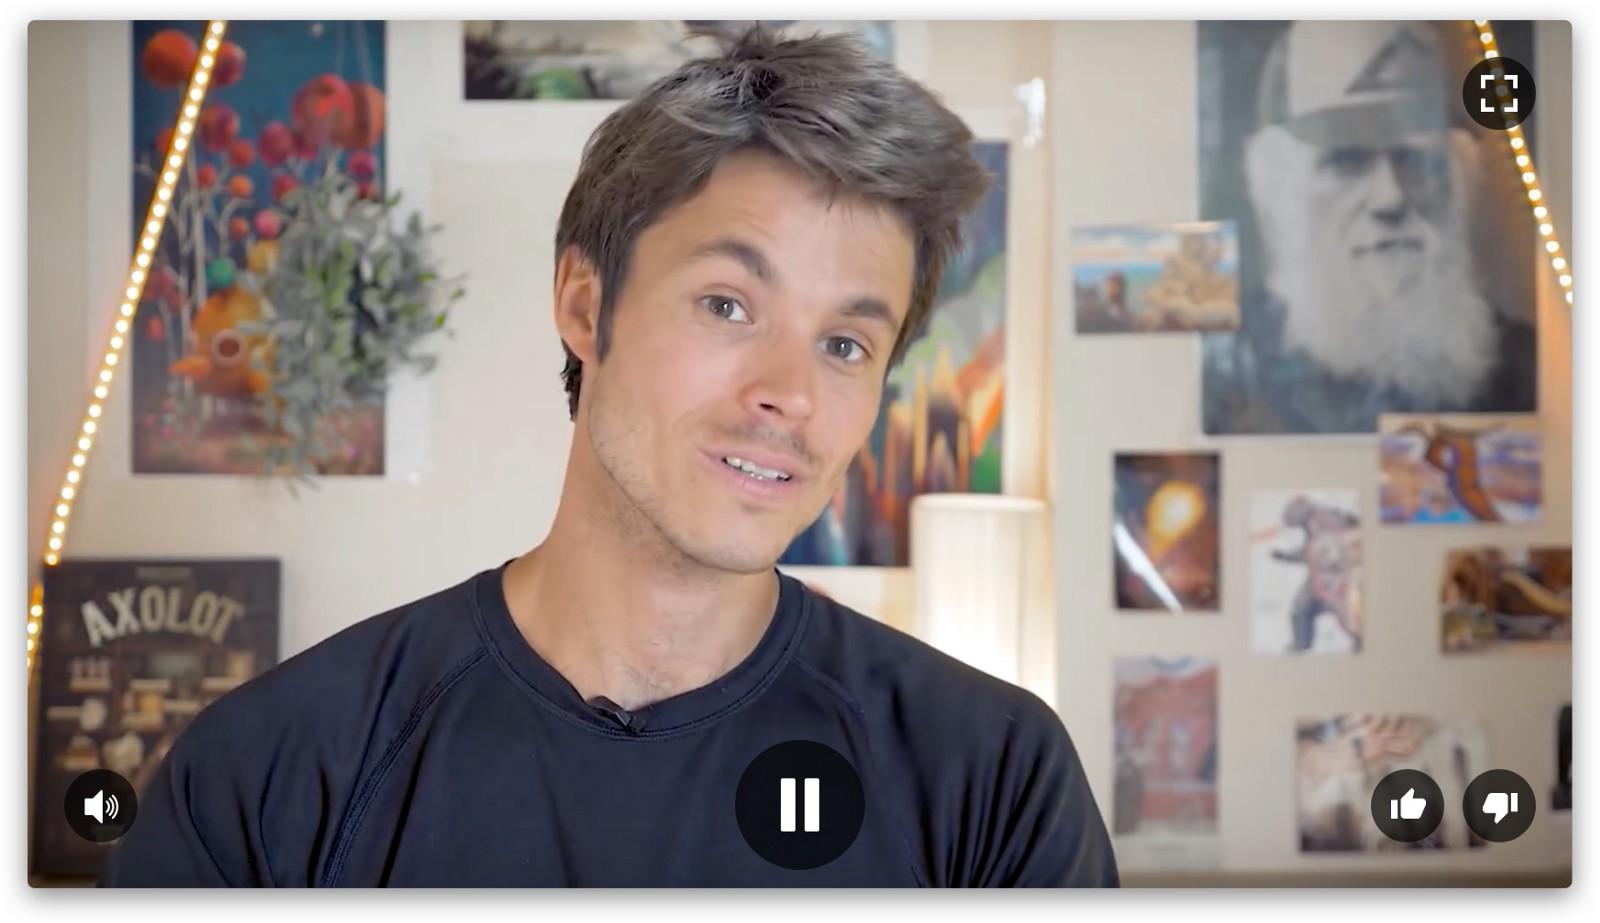 Дизайн привычных вещей: как улучшить интерфейс на примере YouTube - 4